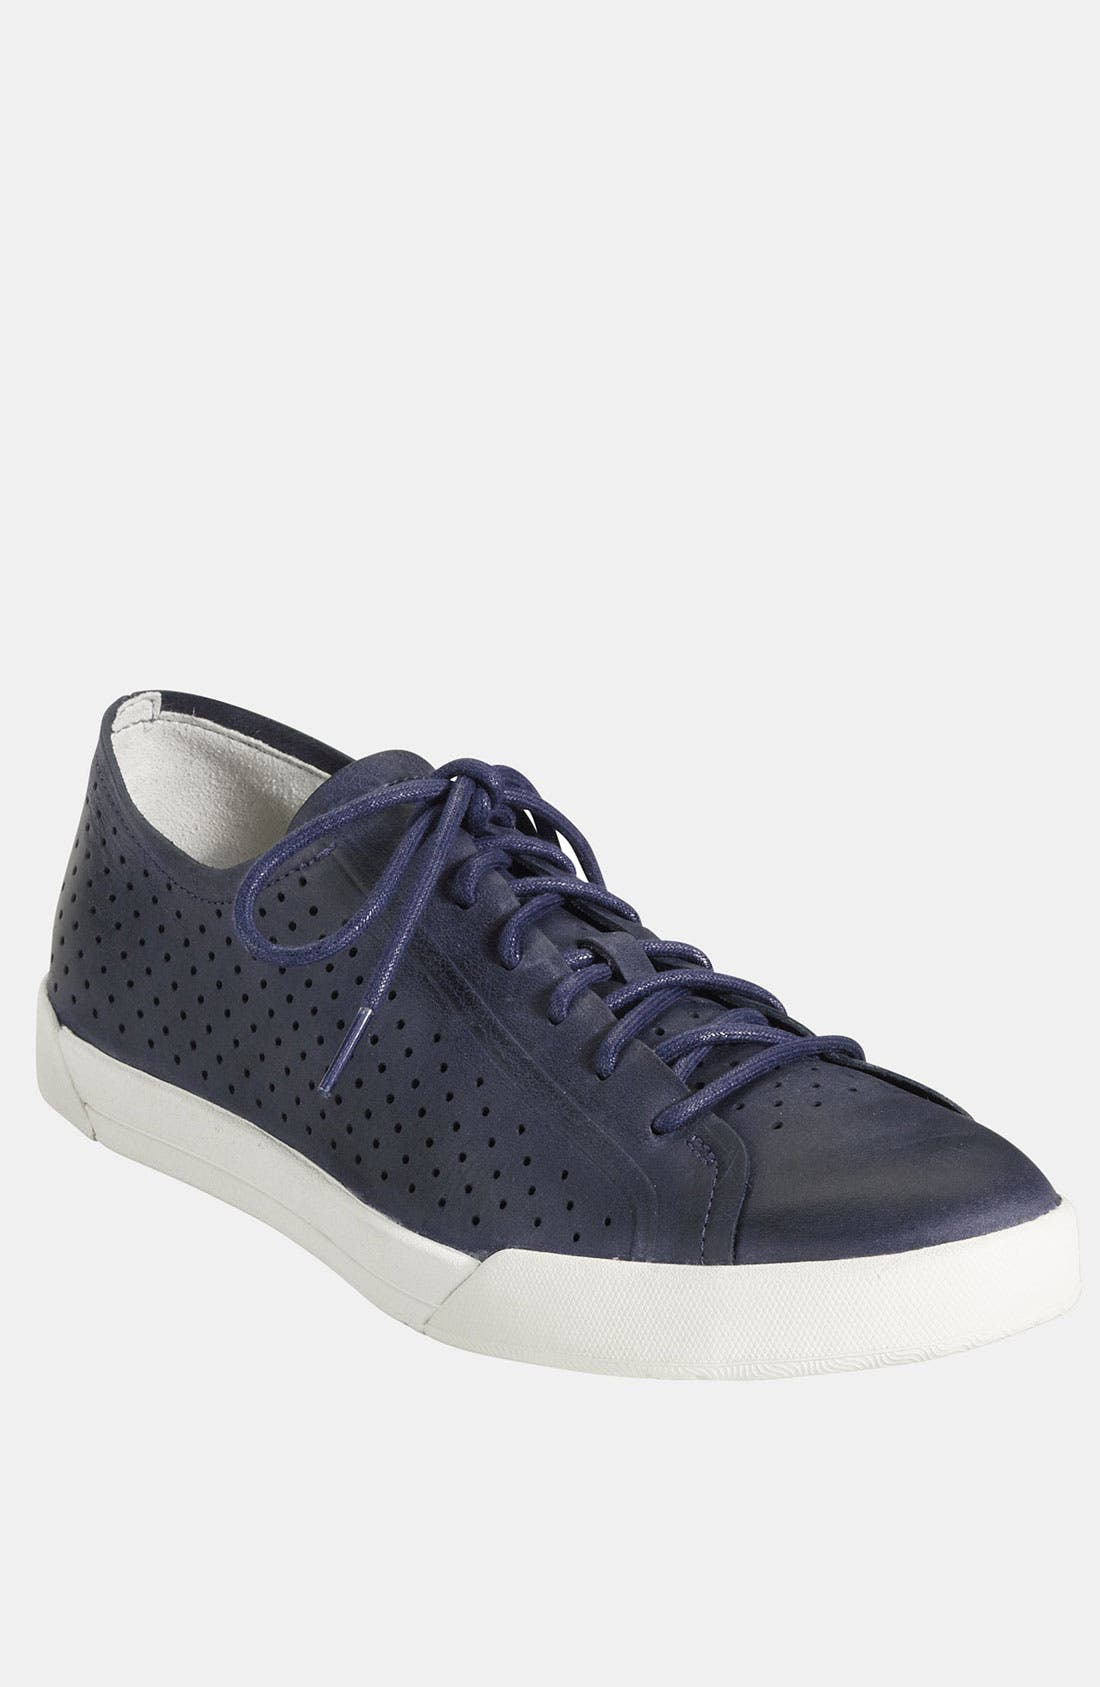 Alternate Image 1 Selected - Cole Haan 'Air Jasper' Sneaker